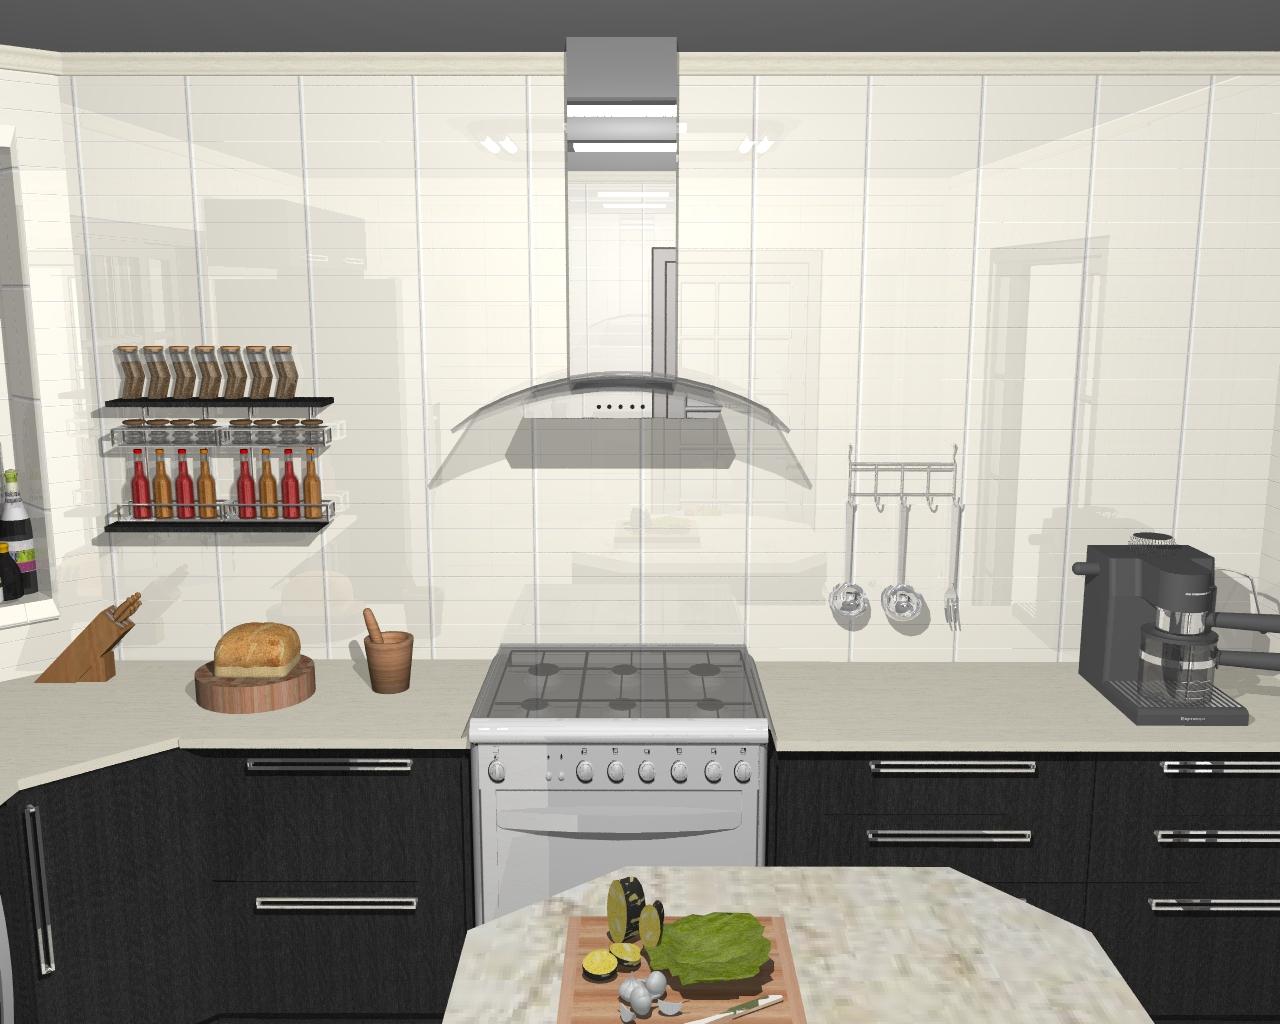 Joyce Rodrigues: Cozinha no Promob. #9A8C31 1280 1024